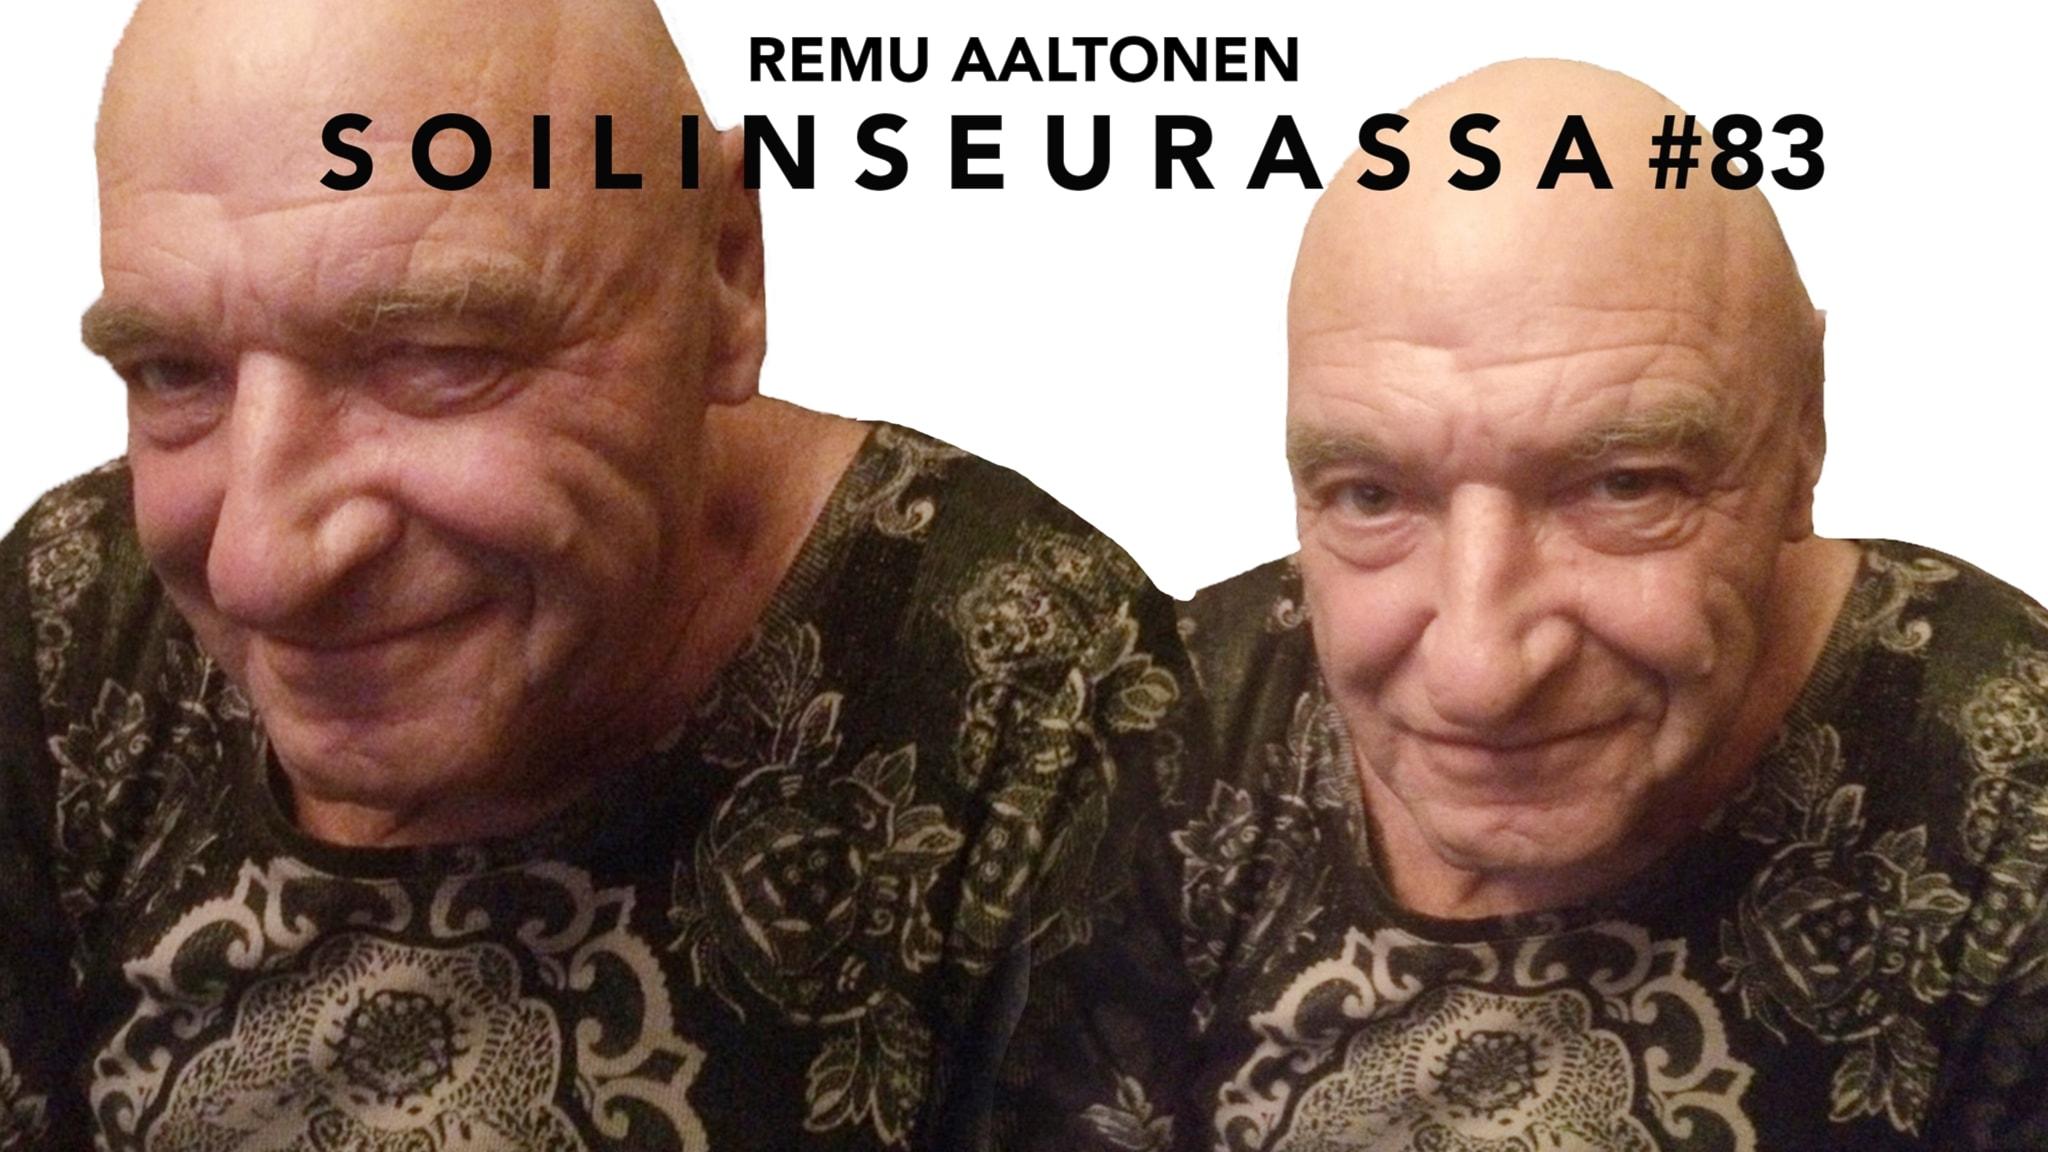 Hurriganes-päällikkö Remu Aaltonen laittaa rumpukapulat naulaan